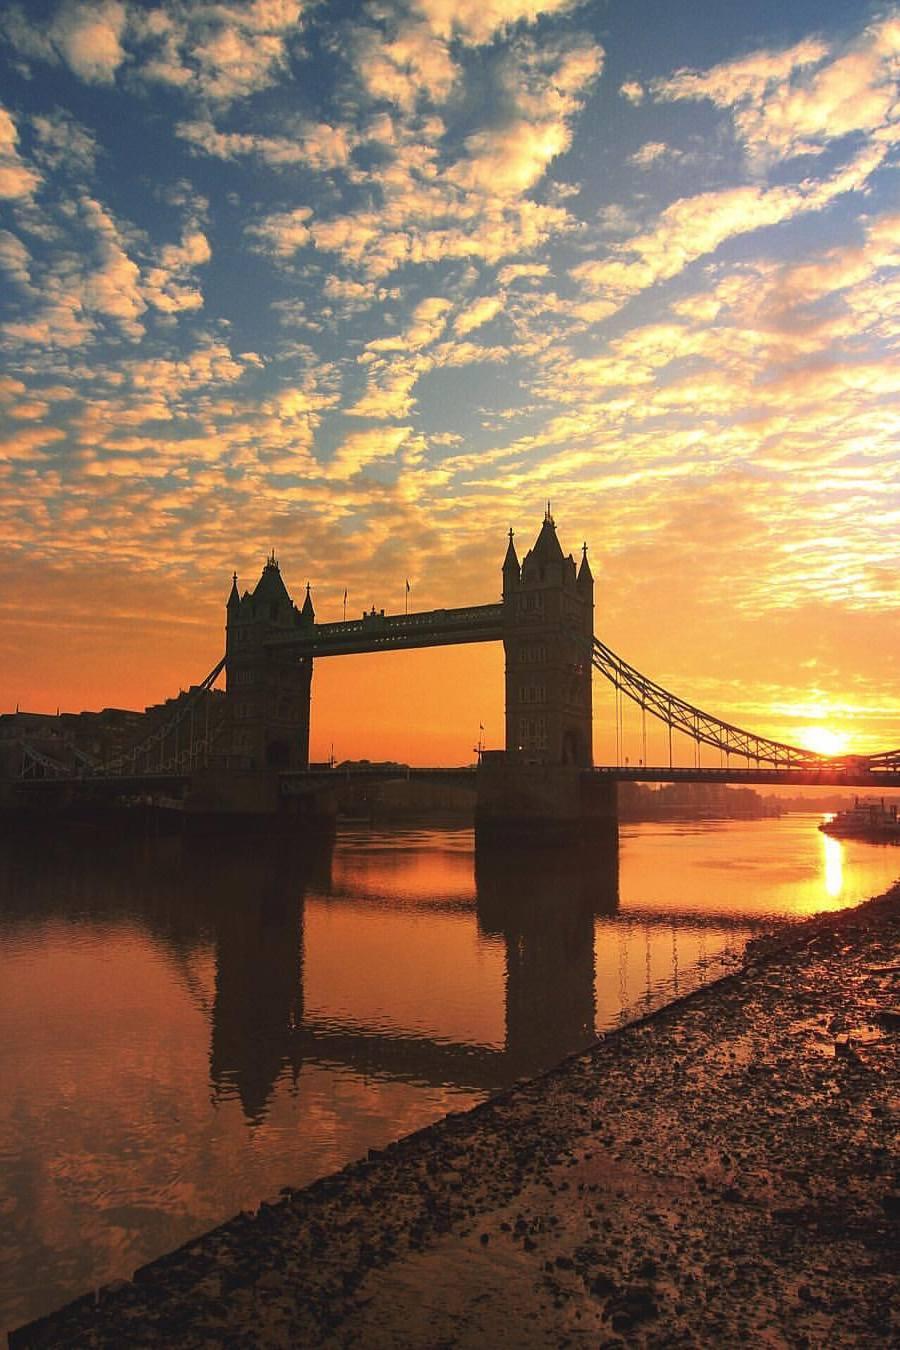 london tower bridge sunset clounds